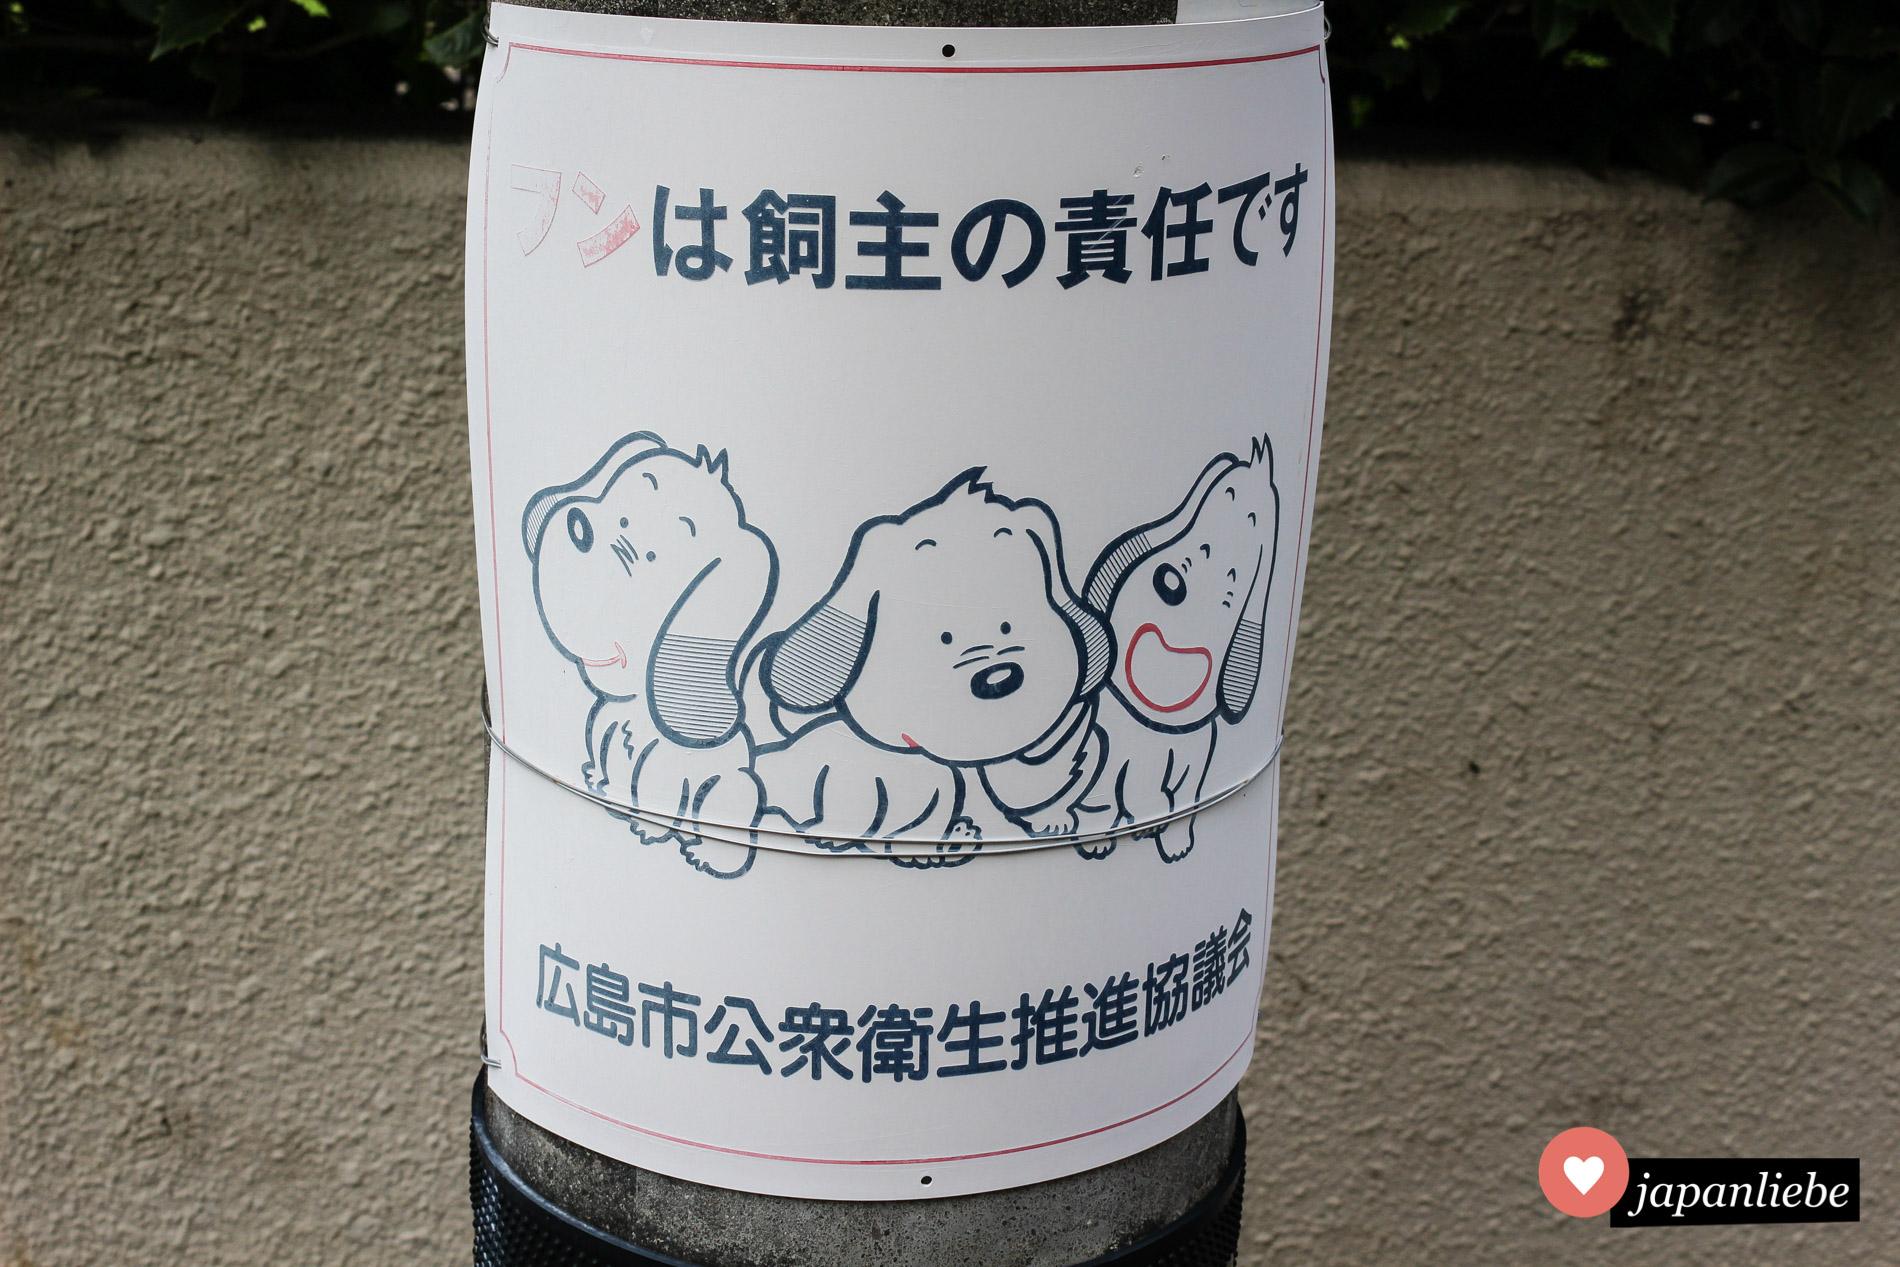 In Hiroshima werden Hundehalter darauf hingewiesen, dass Hundekot ihre Verantwortung ist.